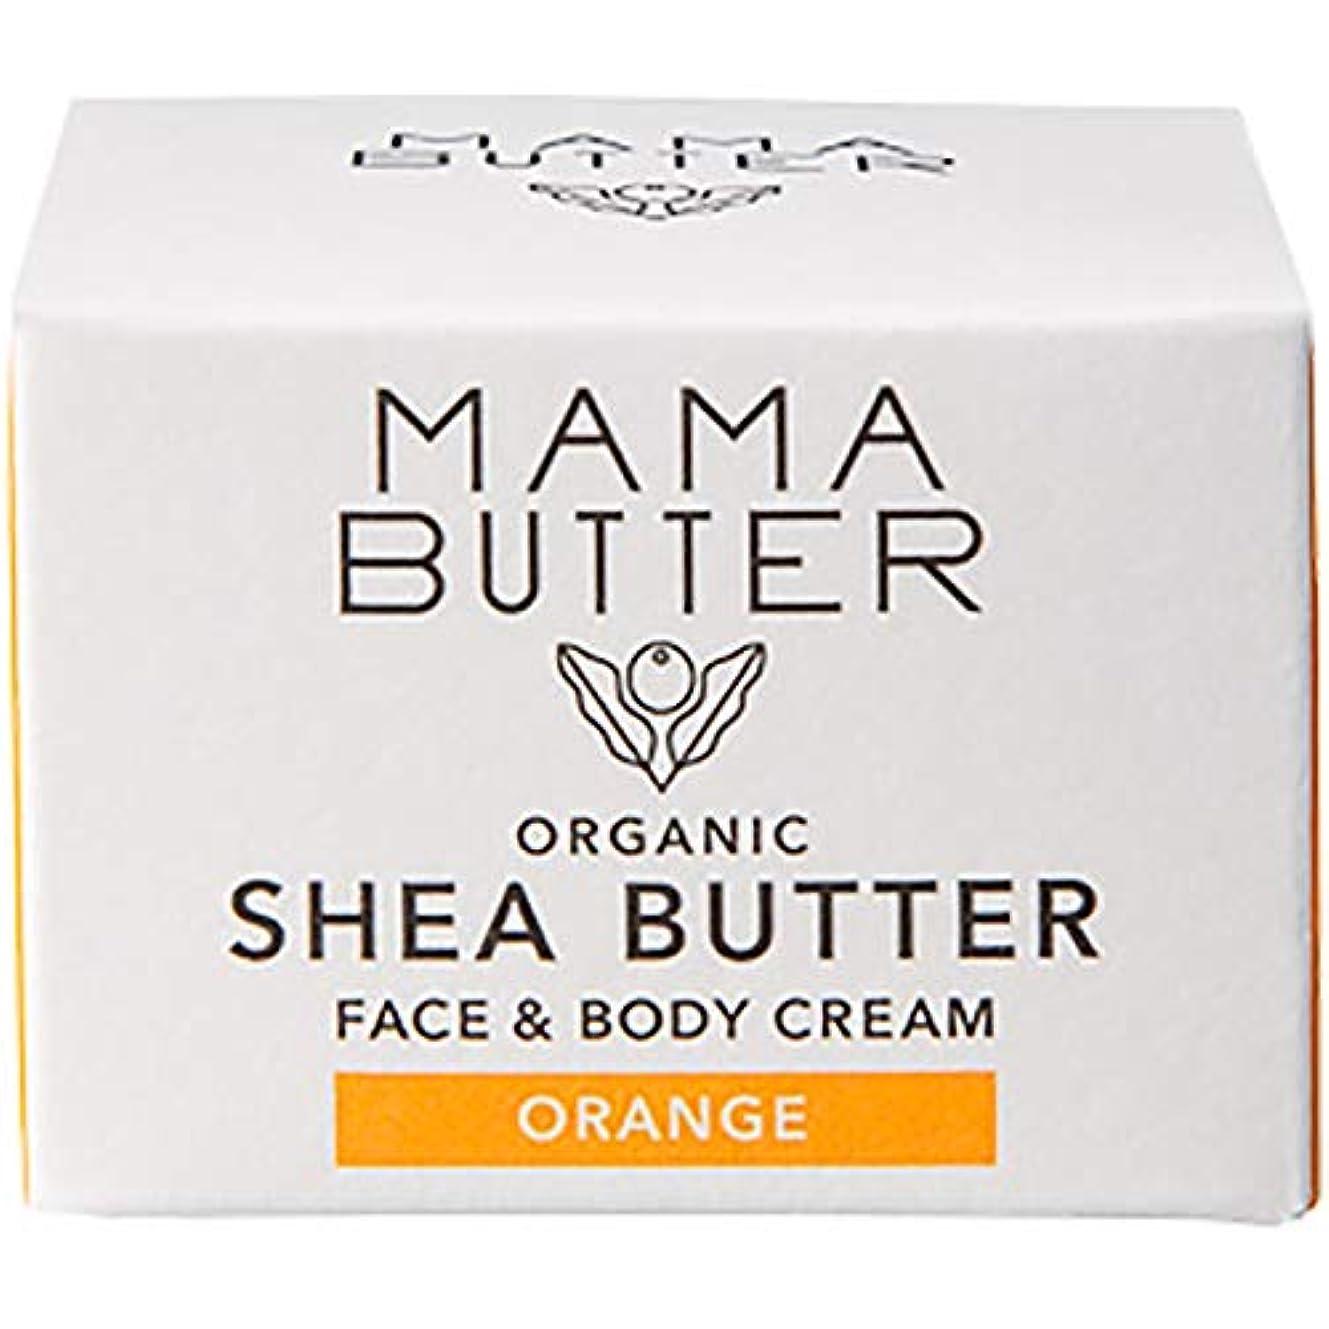 シャトル準拠見込みMAMA BUTTER(ママバター) フェイス&ボディクリーム25g オレンジ